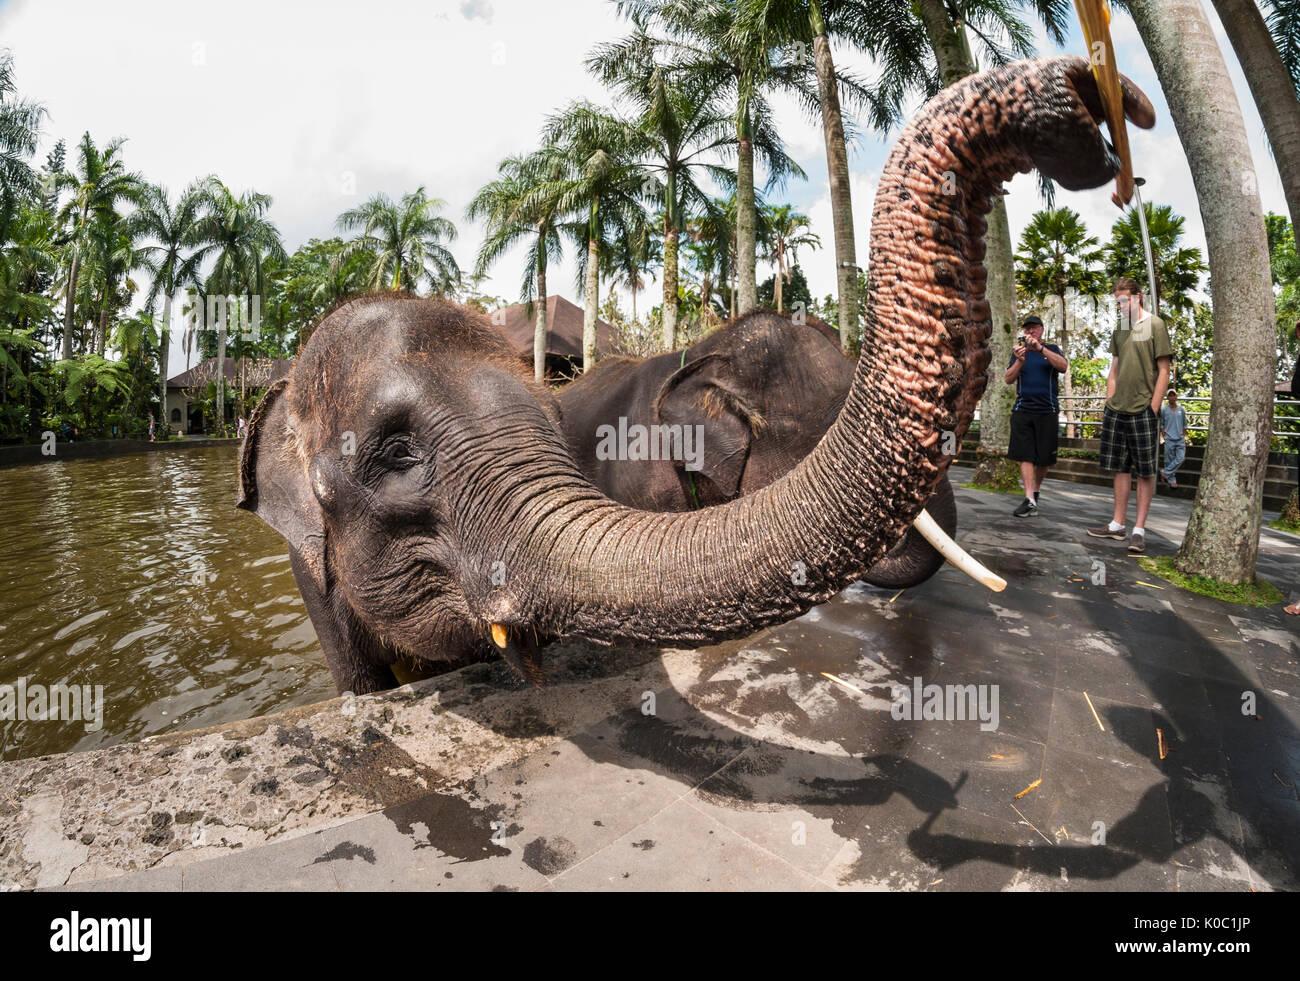 Alimentazione turisti salvato elefanti di Sumatra all'Elephant Safari Park di Taro, Bali, Indonesia Immagini Stock